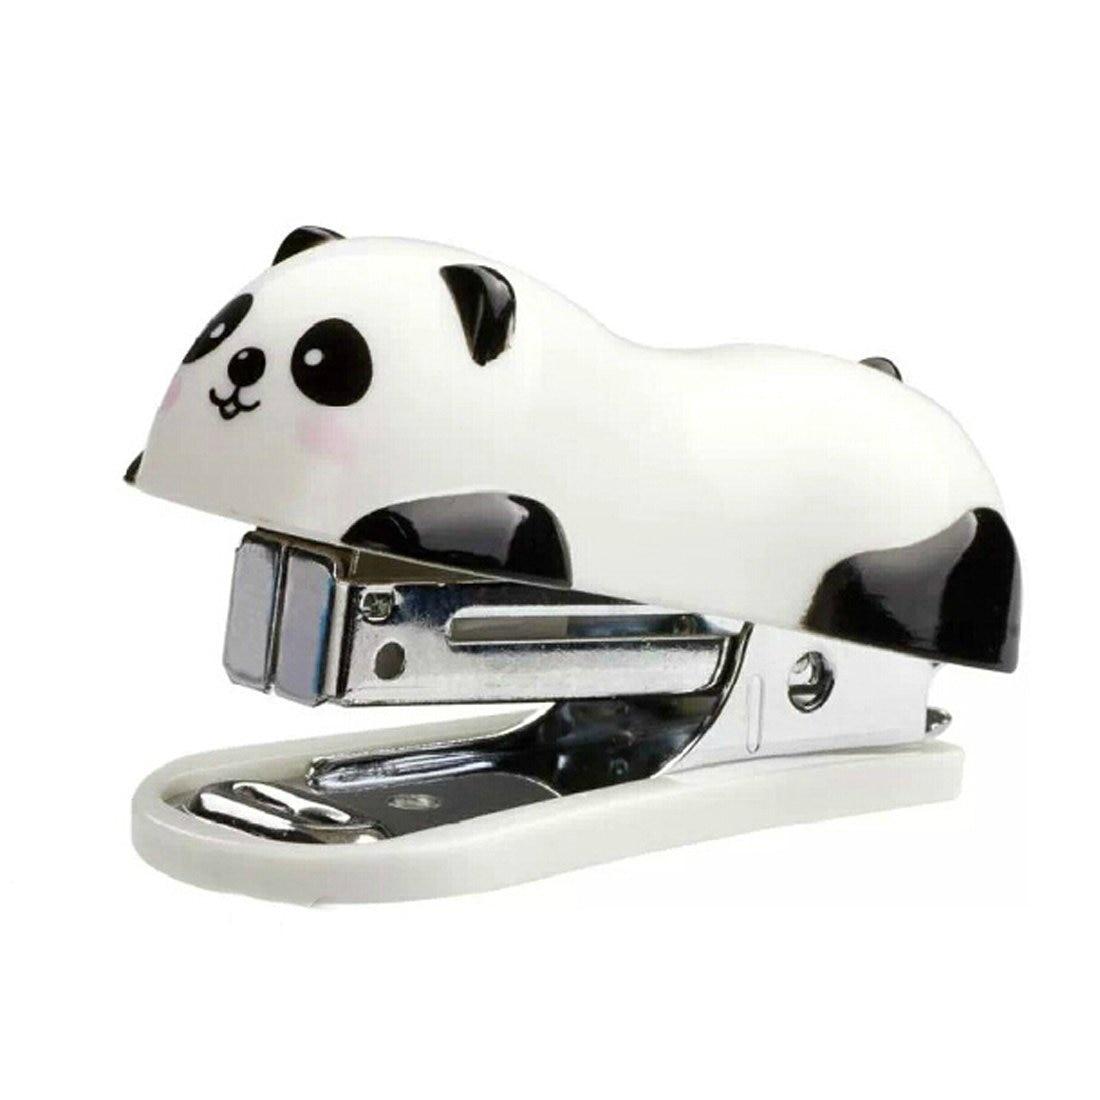 M&G Cute Panda Mini Desktop Stapler,Home Stapler With 1000 Staples,Animal Stapler Set For School And Office With Staples Remover